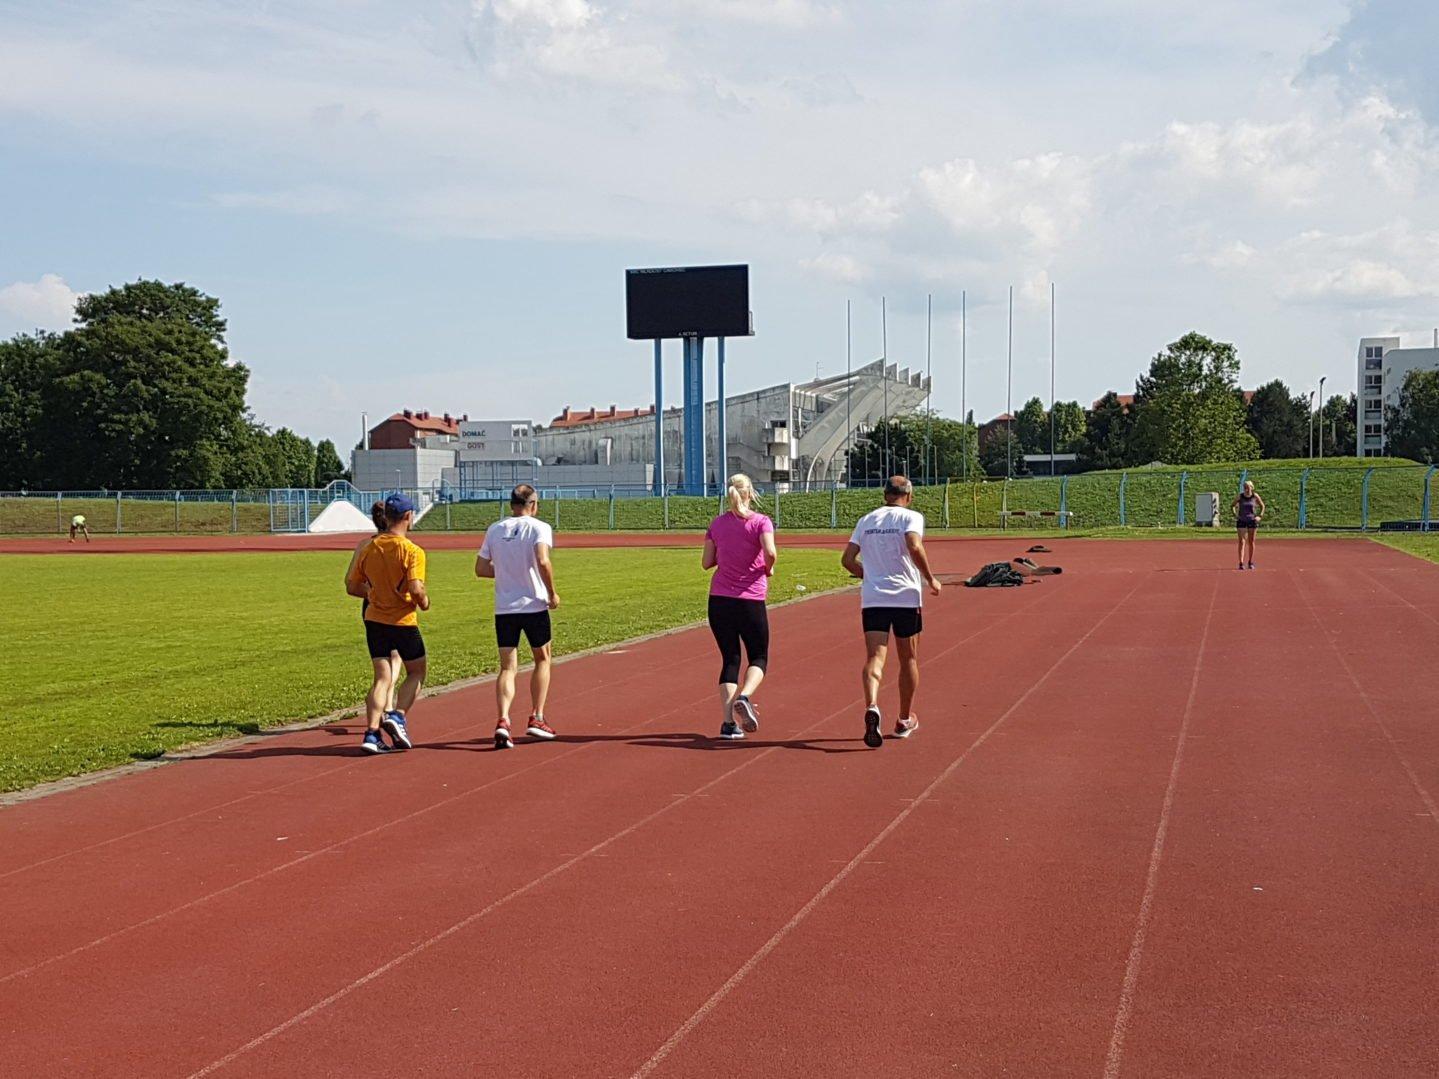 atletska staza Čakovec